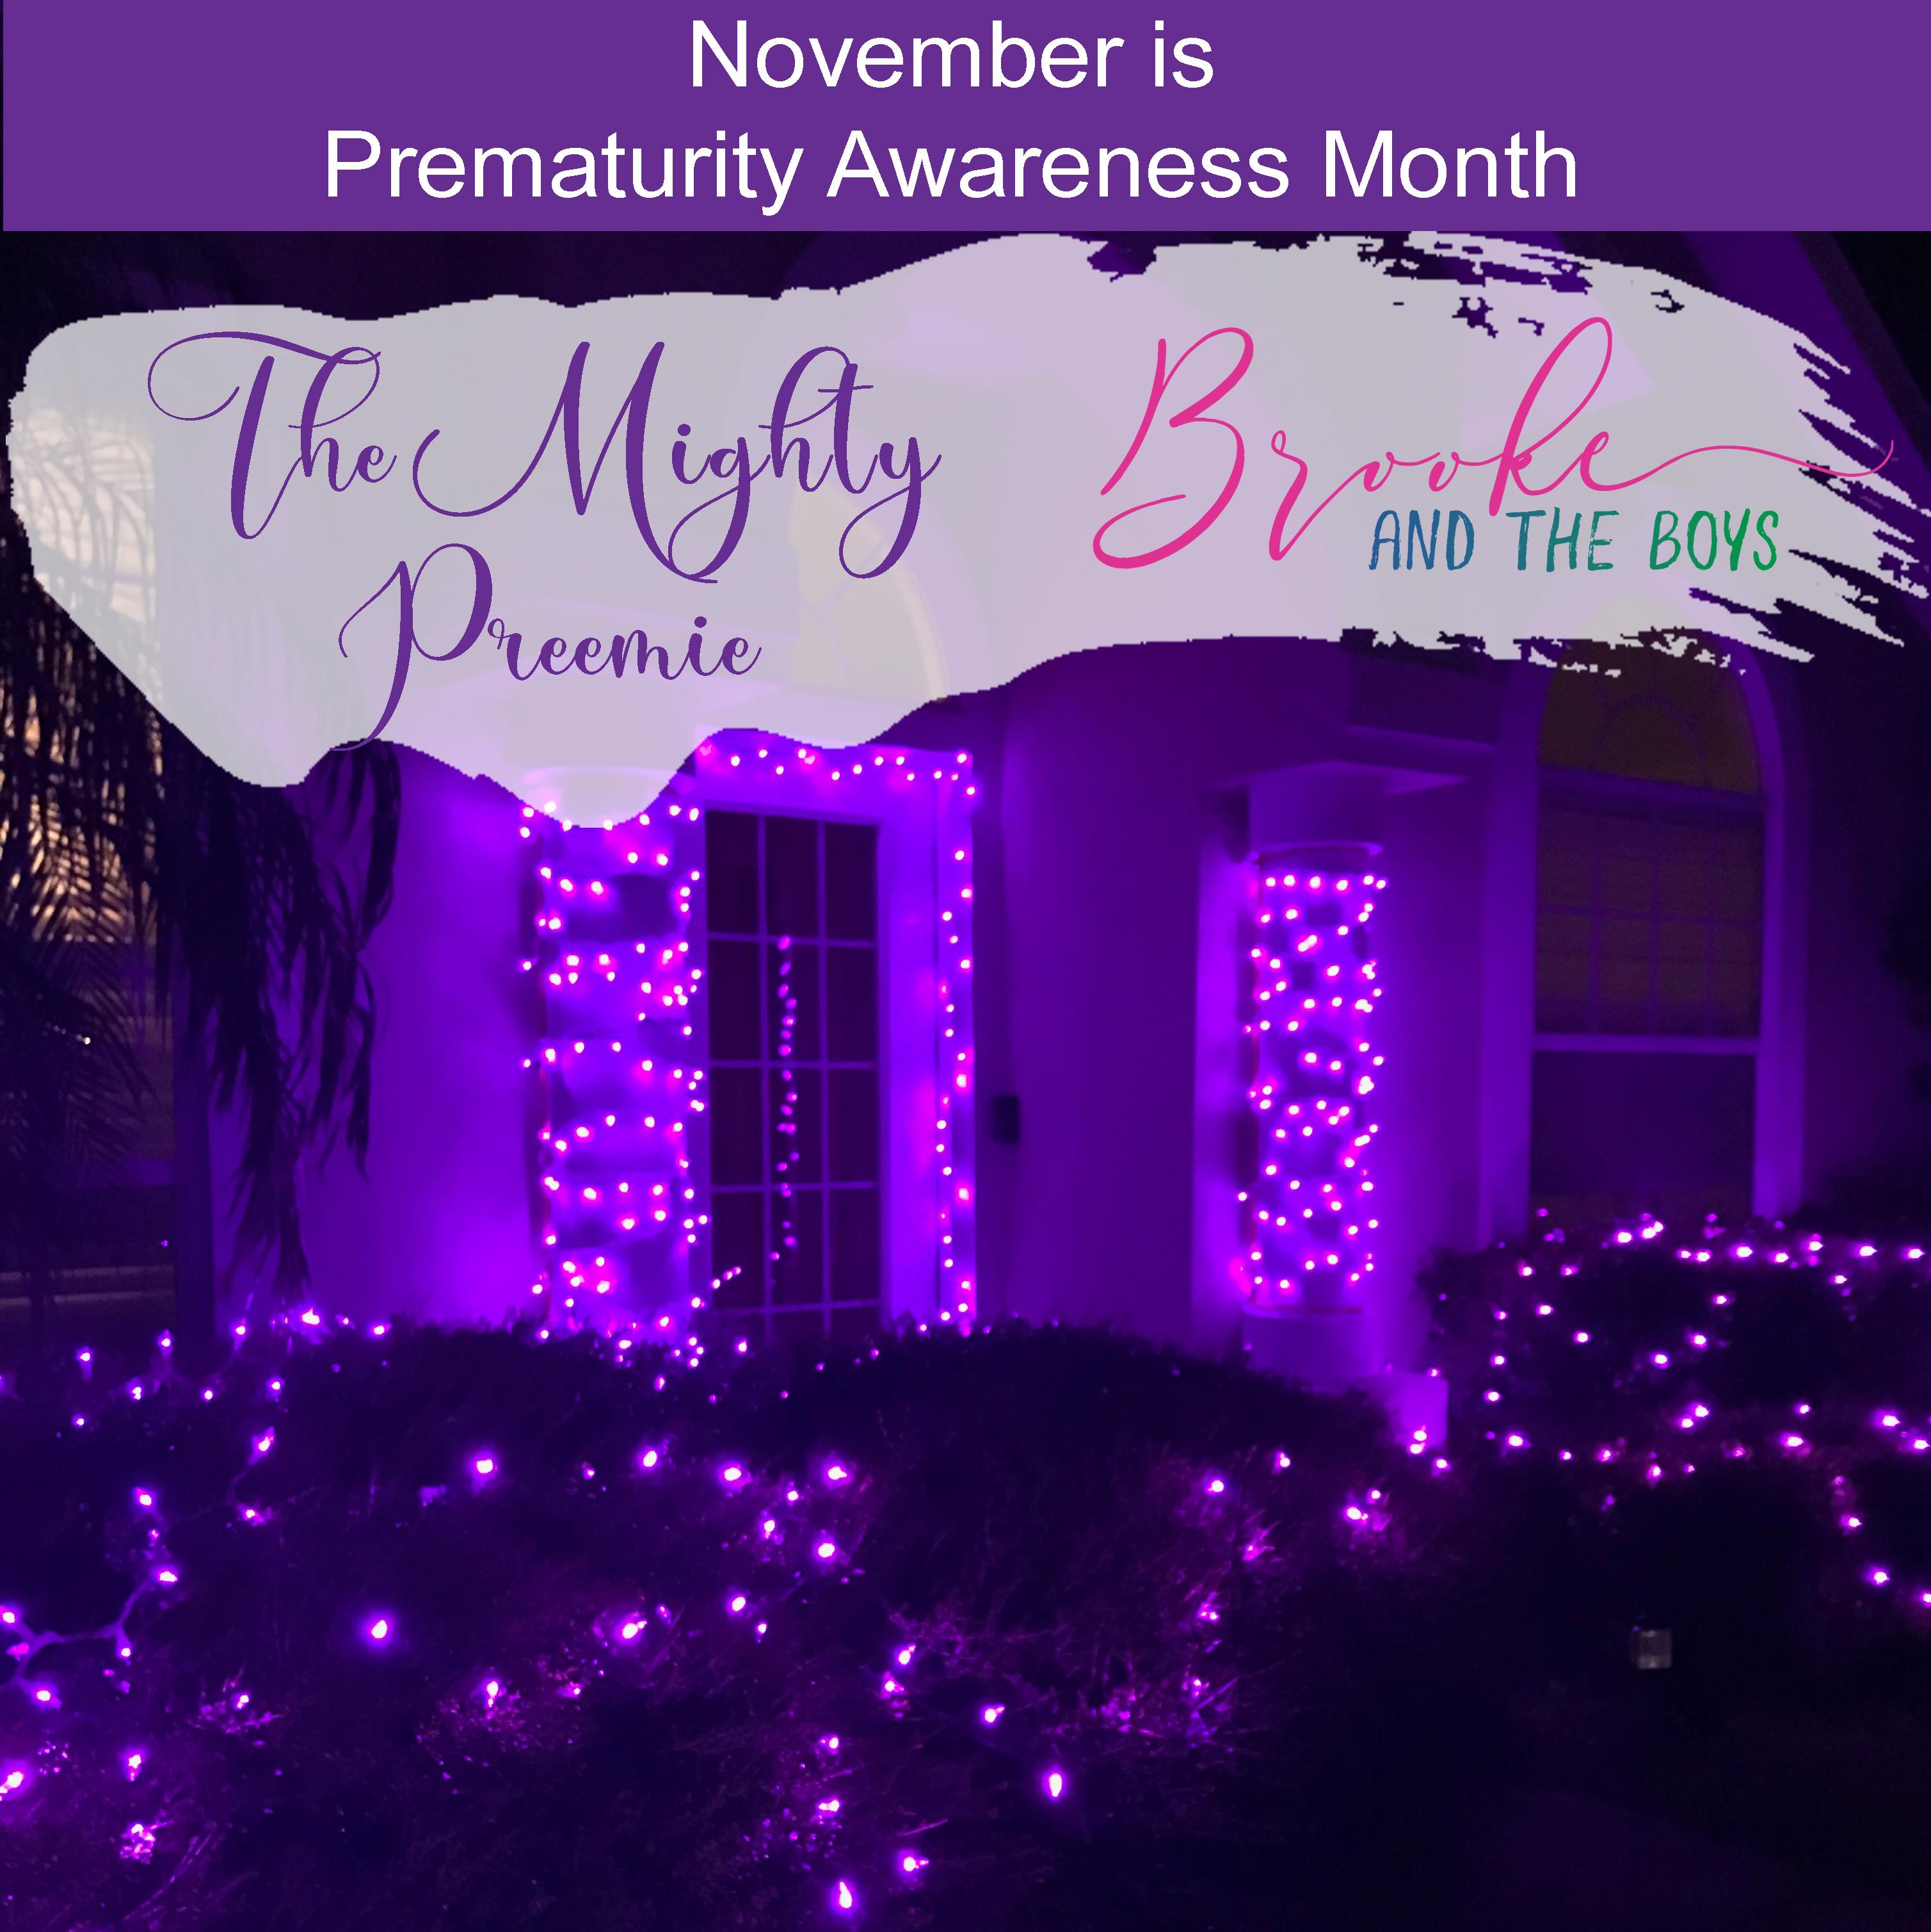 The Mighty Preemie